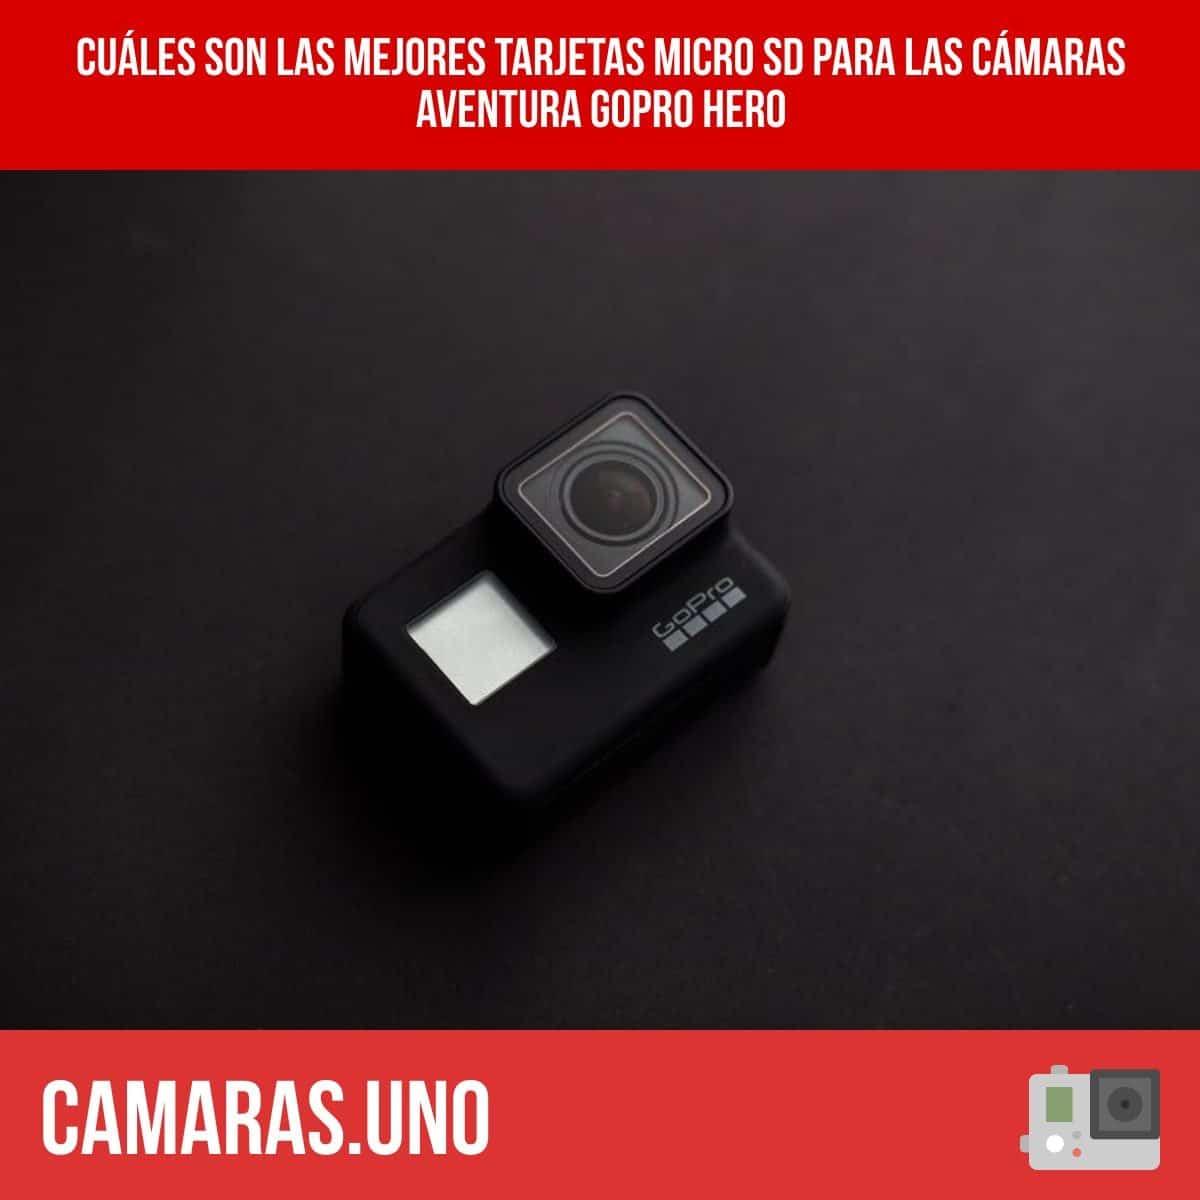 Cuáles son las mejores tarjetas micro SD para las cámaras aventura GoPro HERO 8, HERO7 - HERO6 - HERO5 - HERO